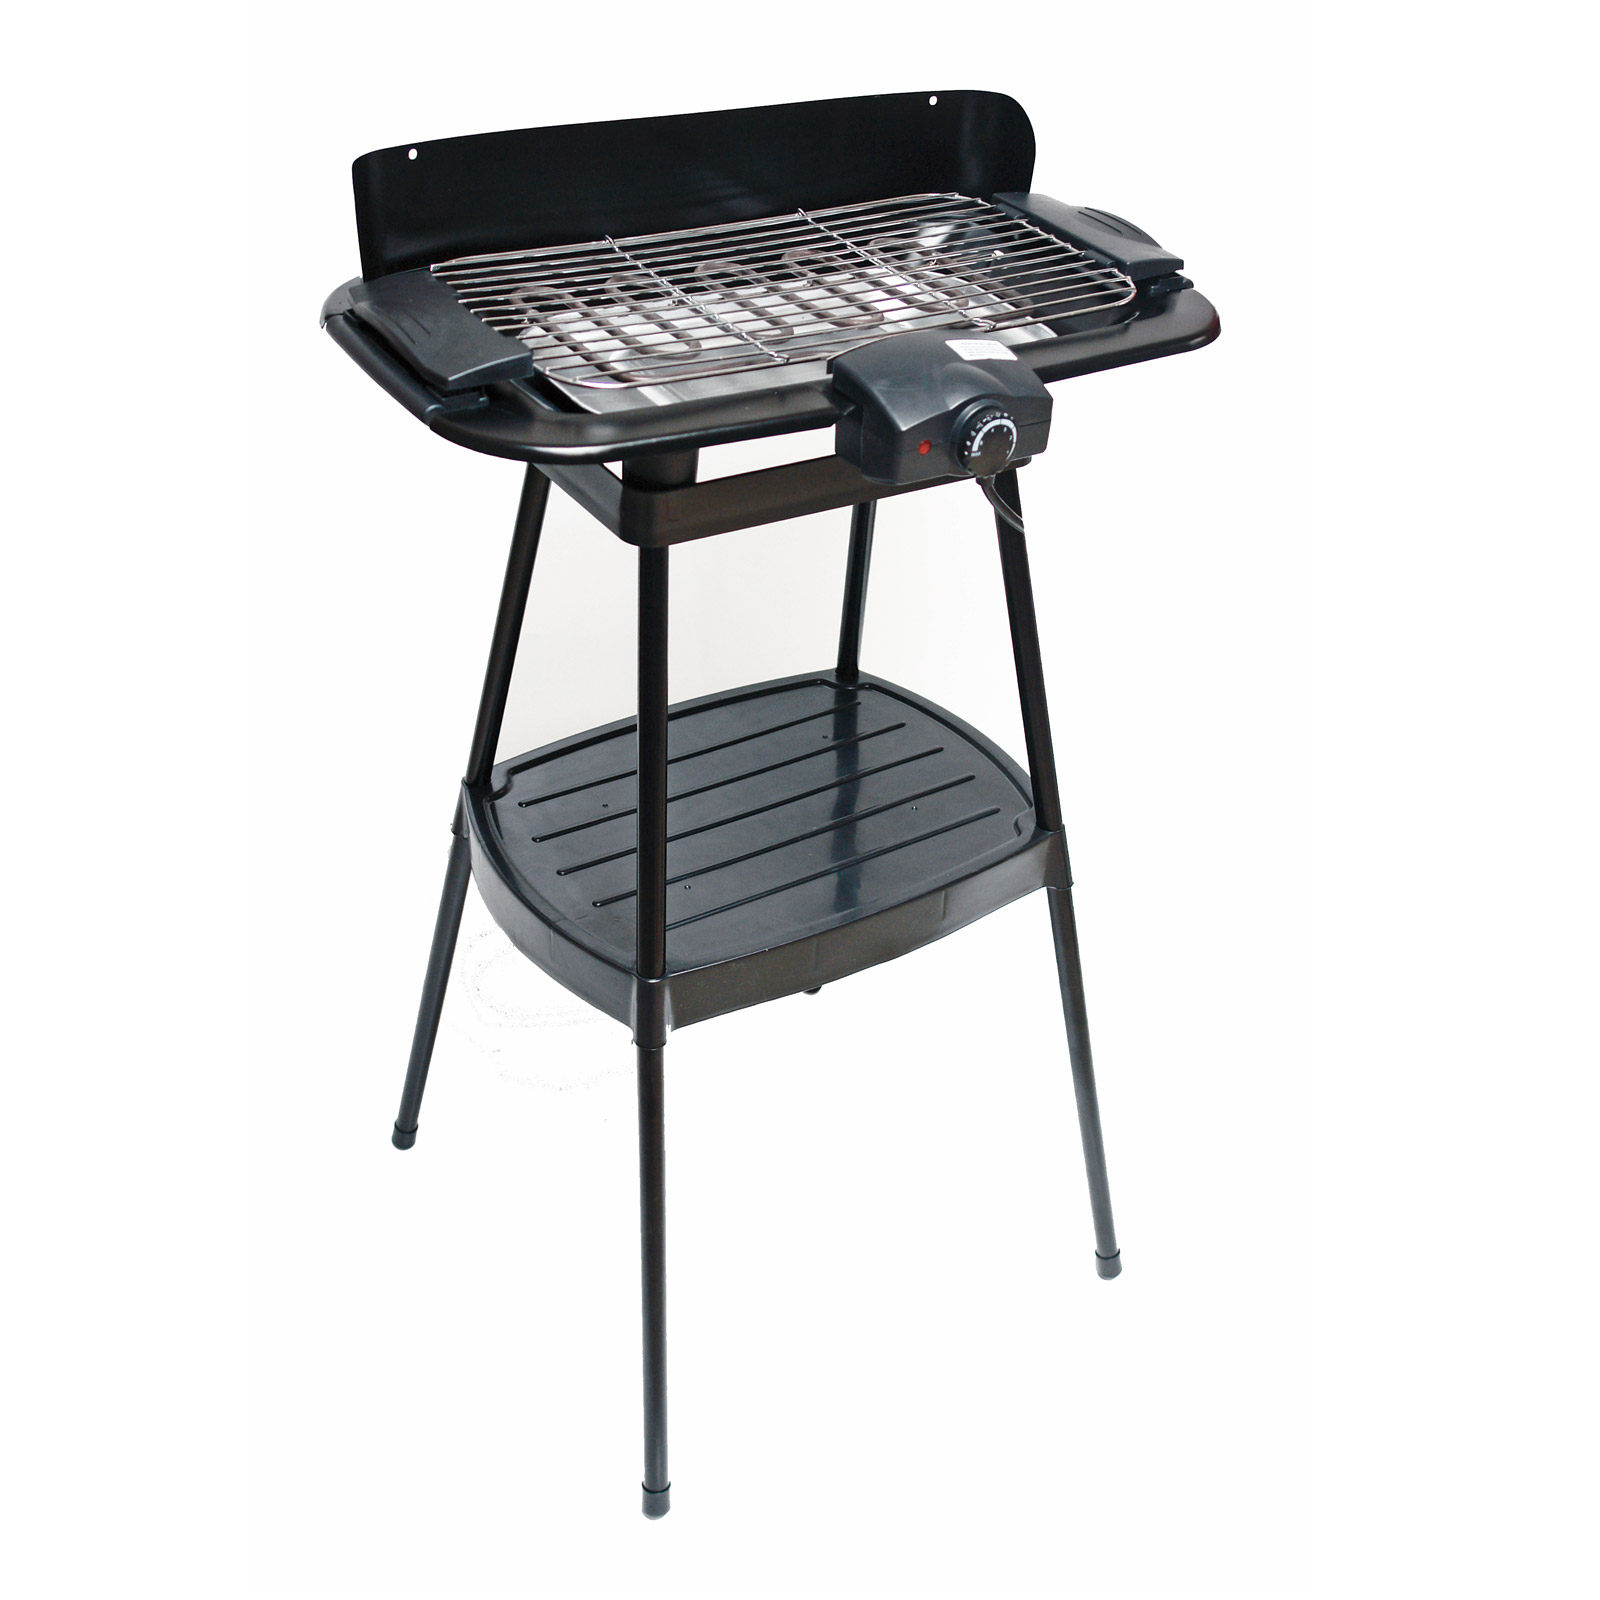 grill elektrogrill tischgrill elektro standgrill balkongrill kontaktgrill 17538 ebay. Black Bedroom Furniture Sets. Home Design Ideas